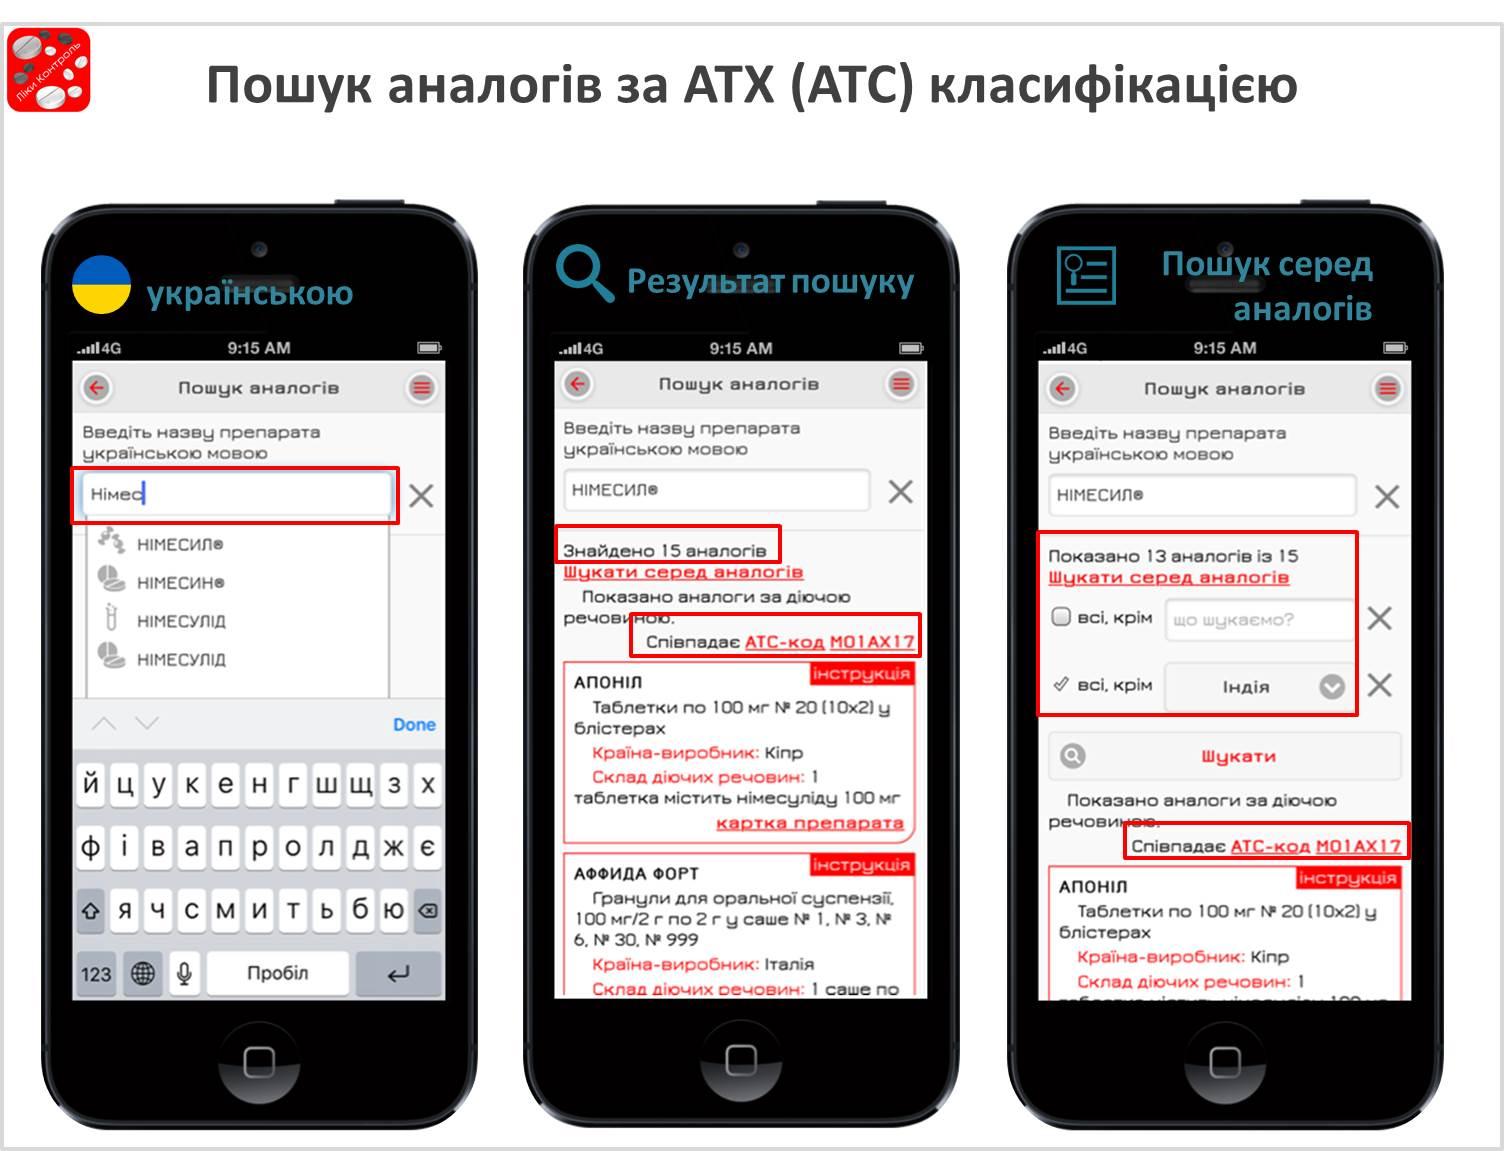 аналоги, АТС-класифікація, АТХ-класификація, нимесил аналоги